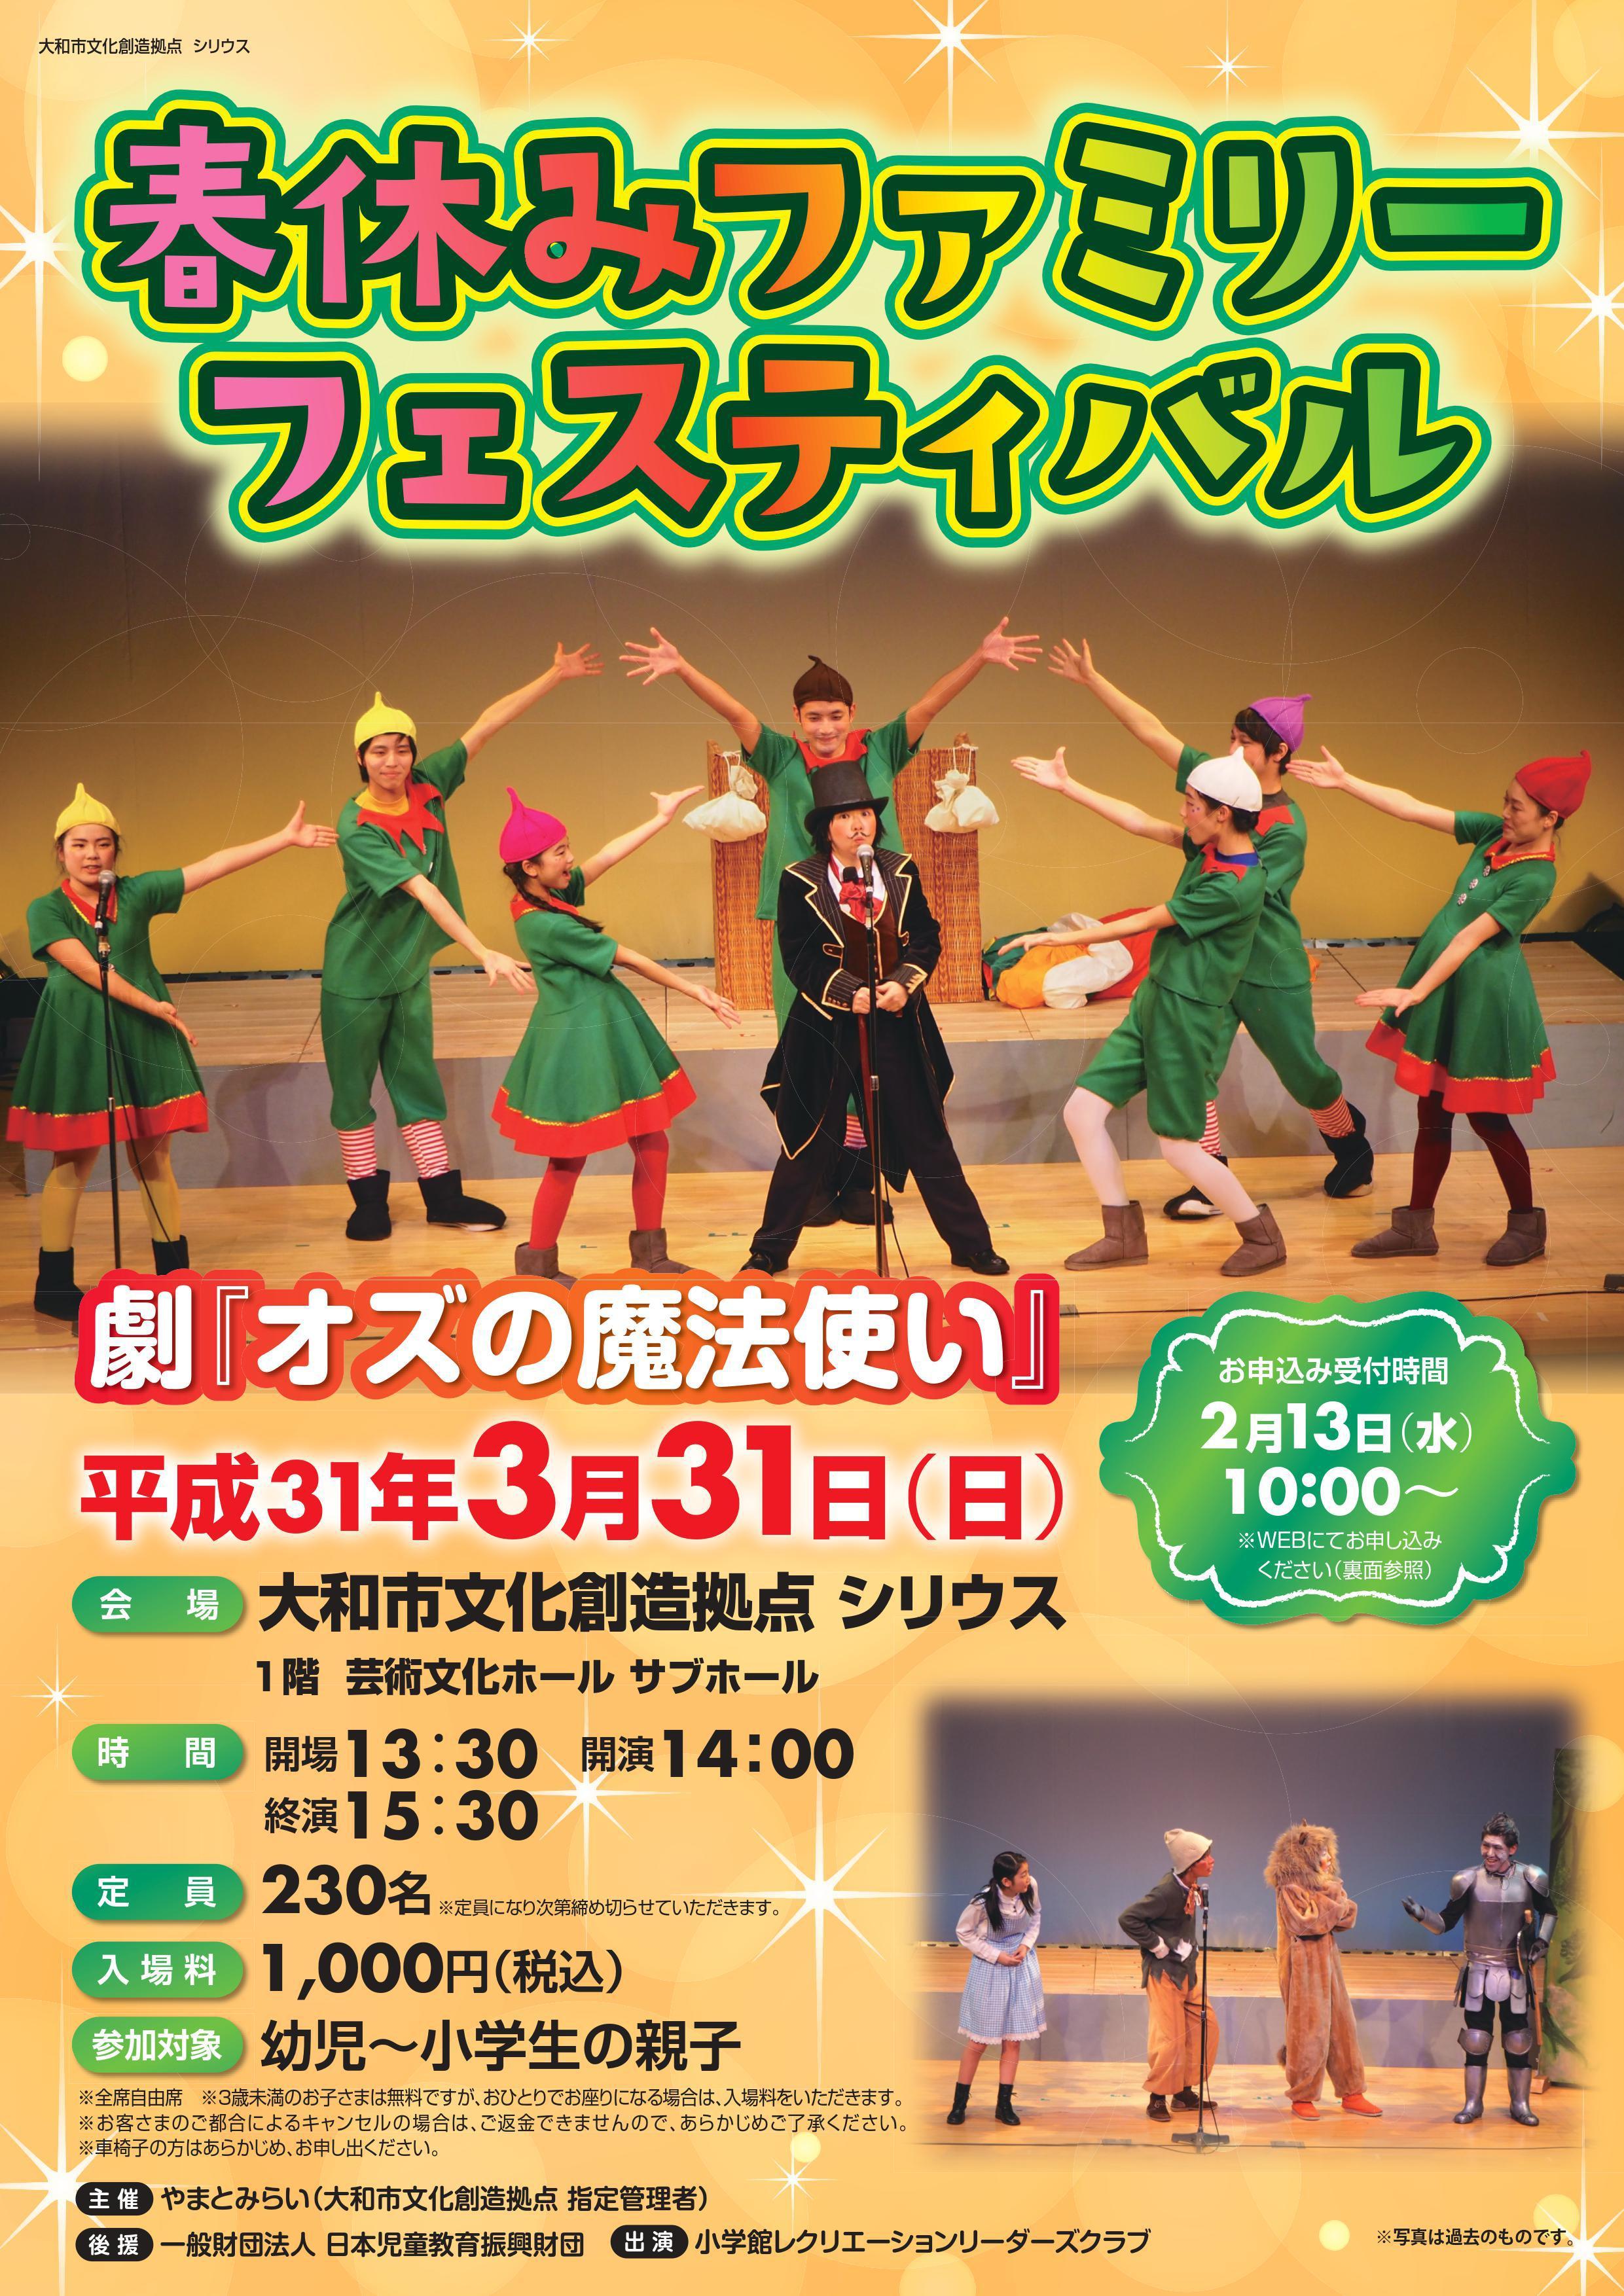 【募集終了】春休みファミリーフェスティバル 劇【オズの魔法使い】